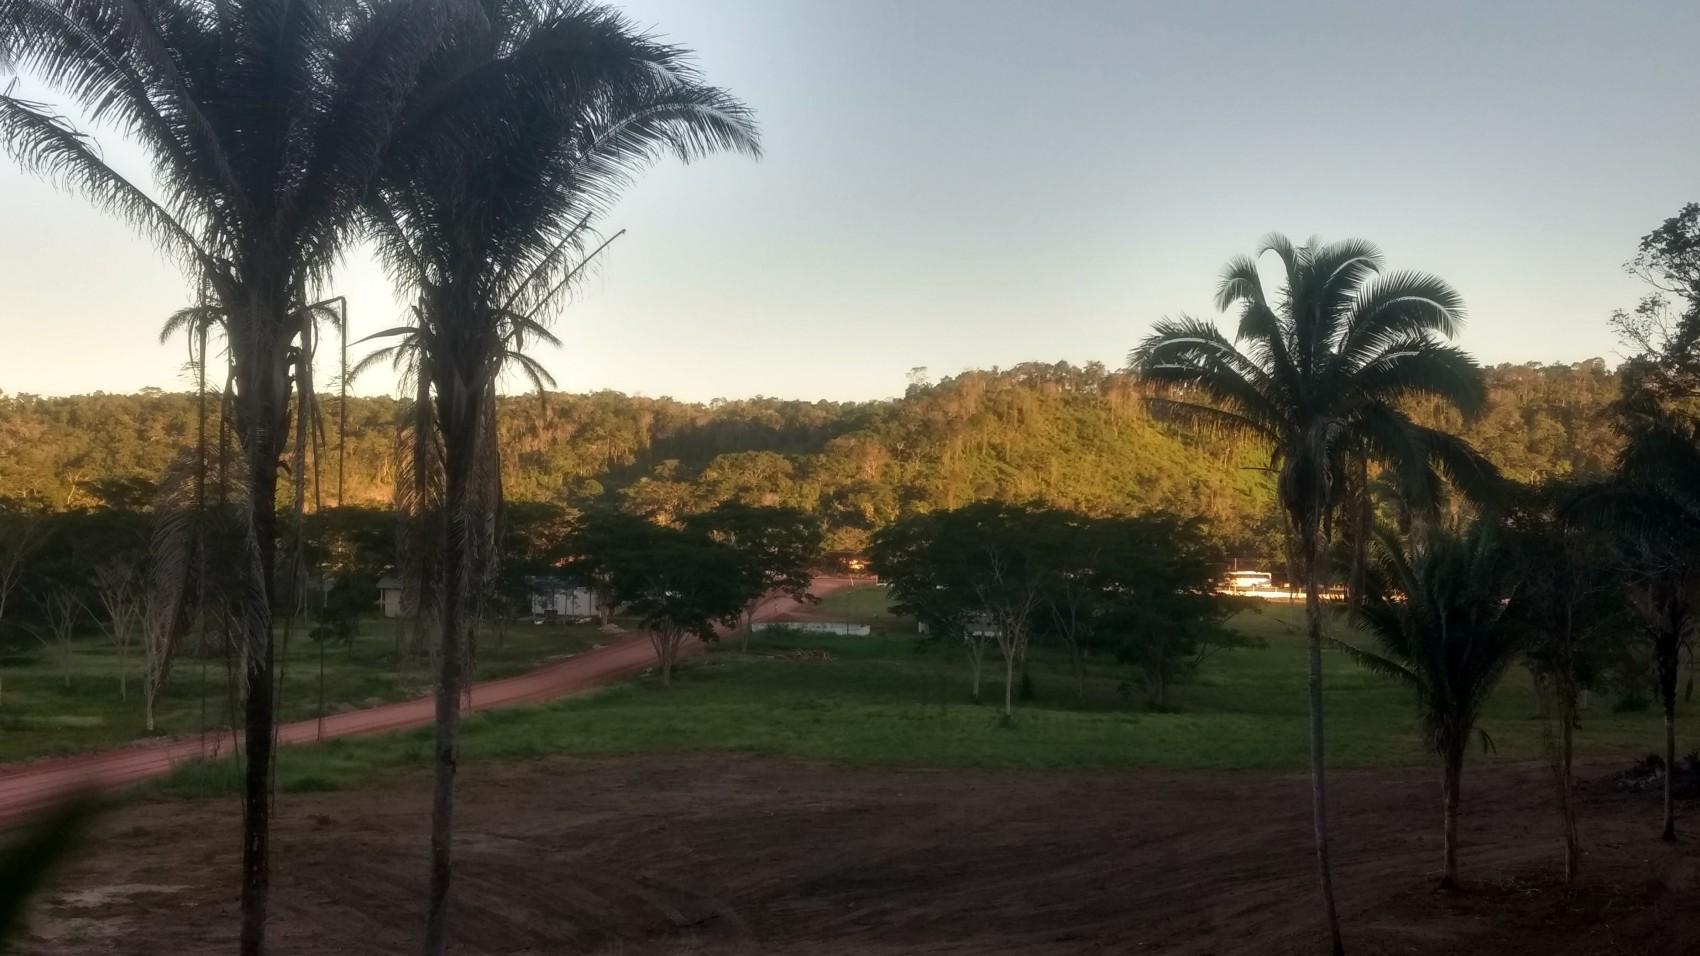 Figura 10 – Paisagem próxima à capital do Piauí, com a presença de Florestas Semidecíduas com a presença marcante da palmeira babaçu (Attalea speciosa). Fonte: Arquivo pessoal.